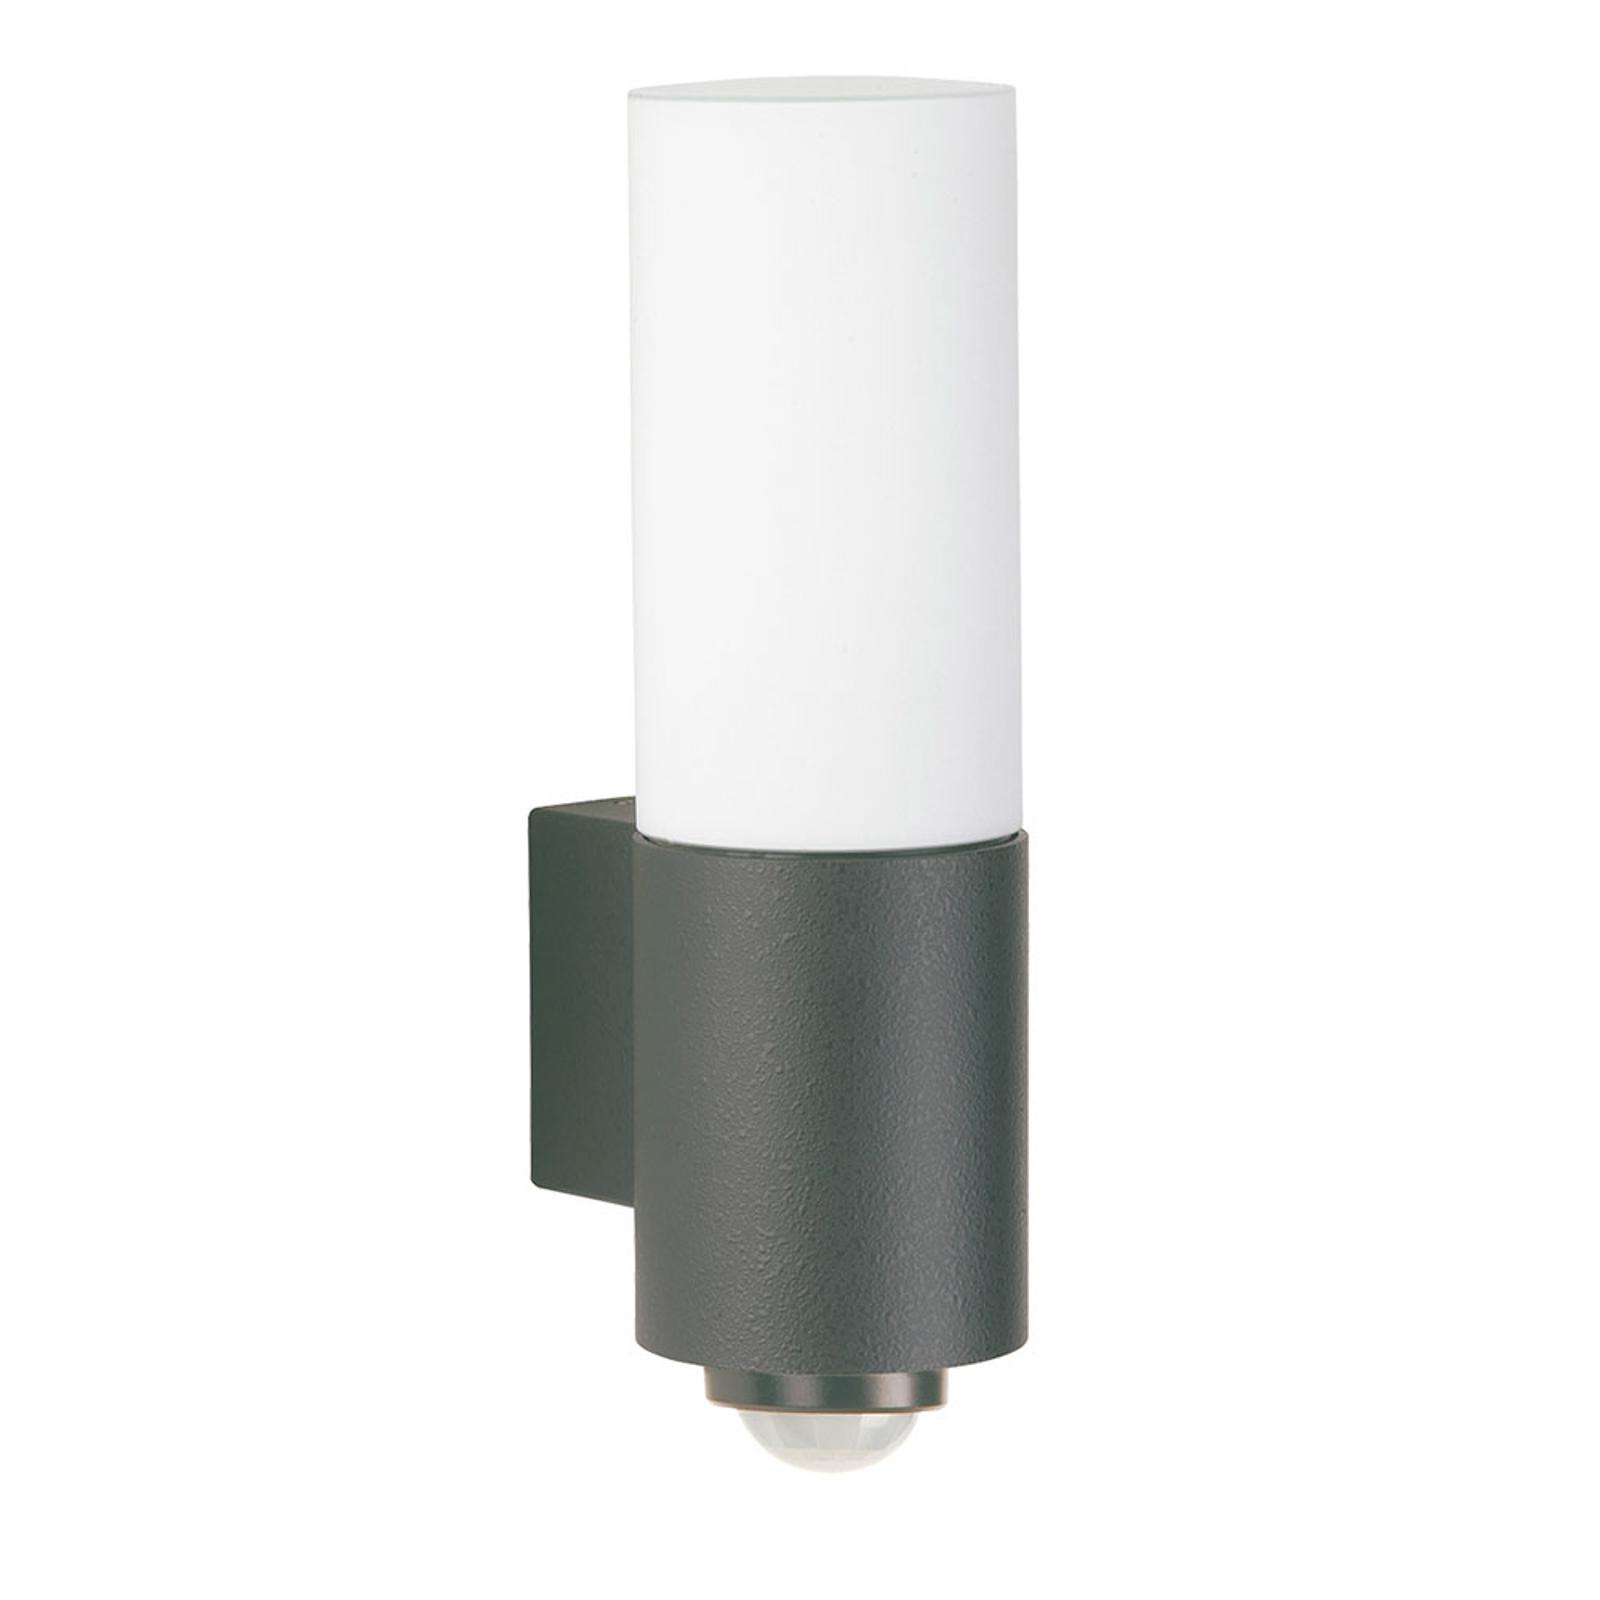 Applique LED 0278 sensore di movimento antracite